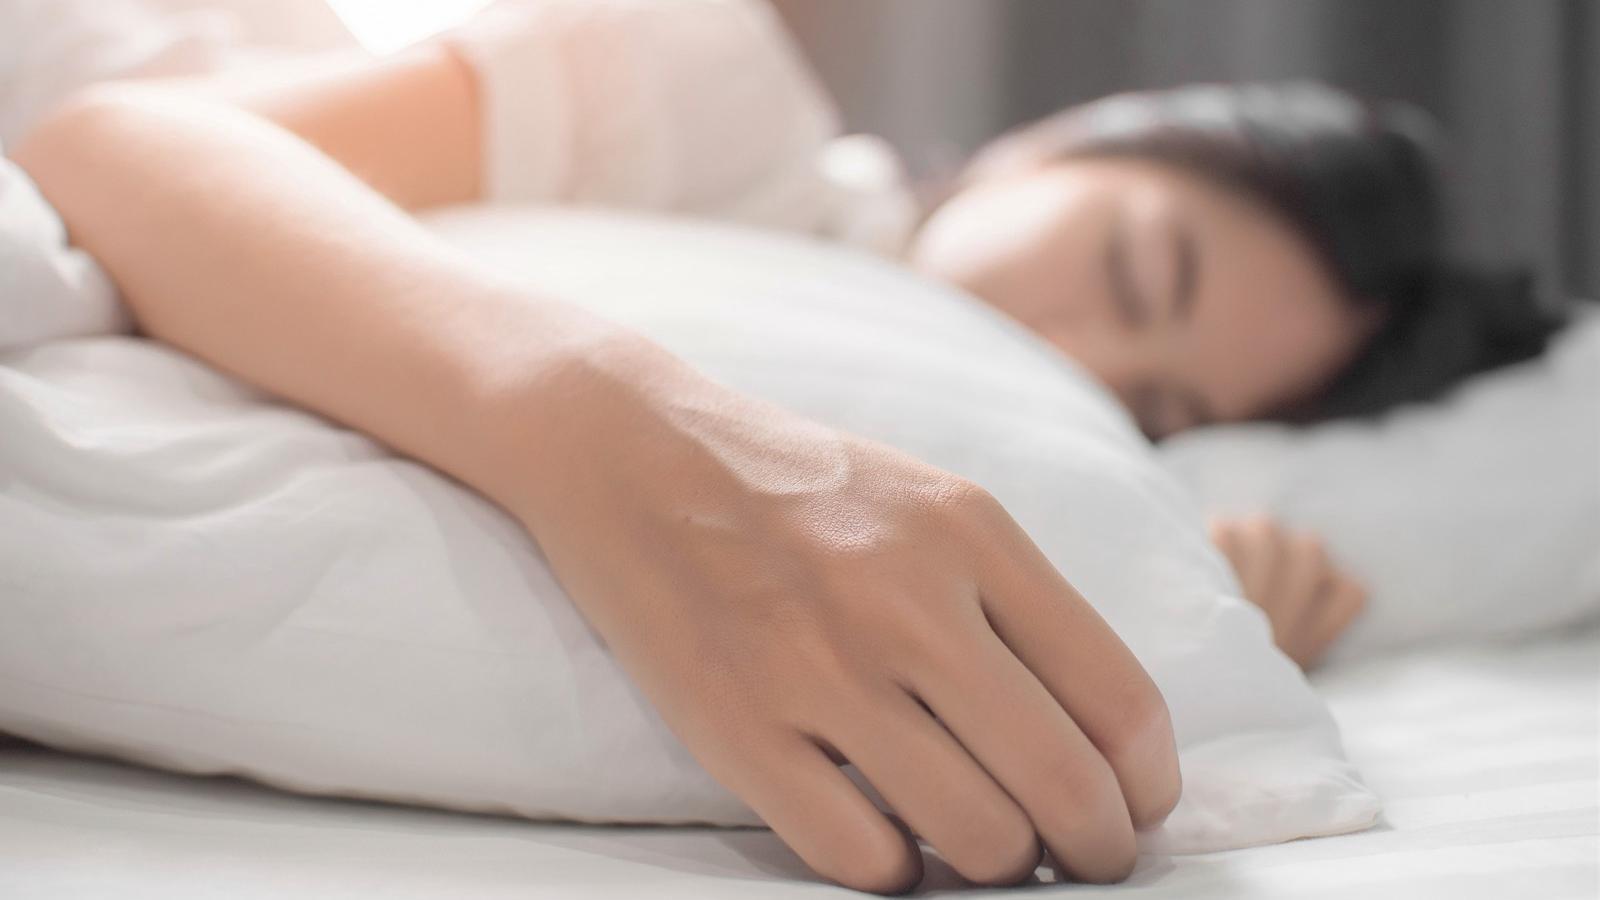 Betegtájékoztató az alvási apnoe-ról